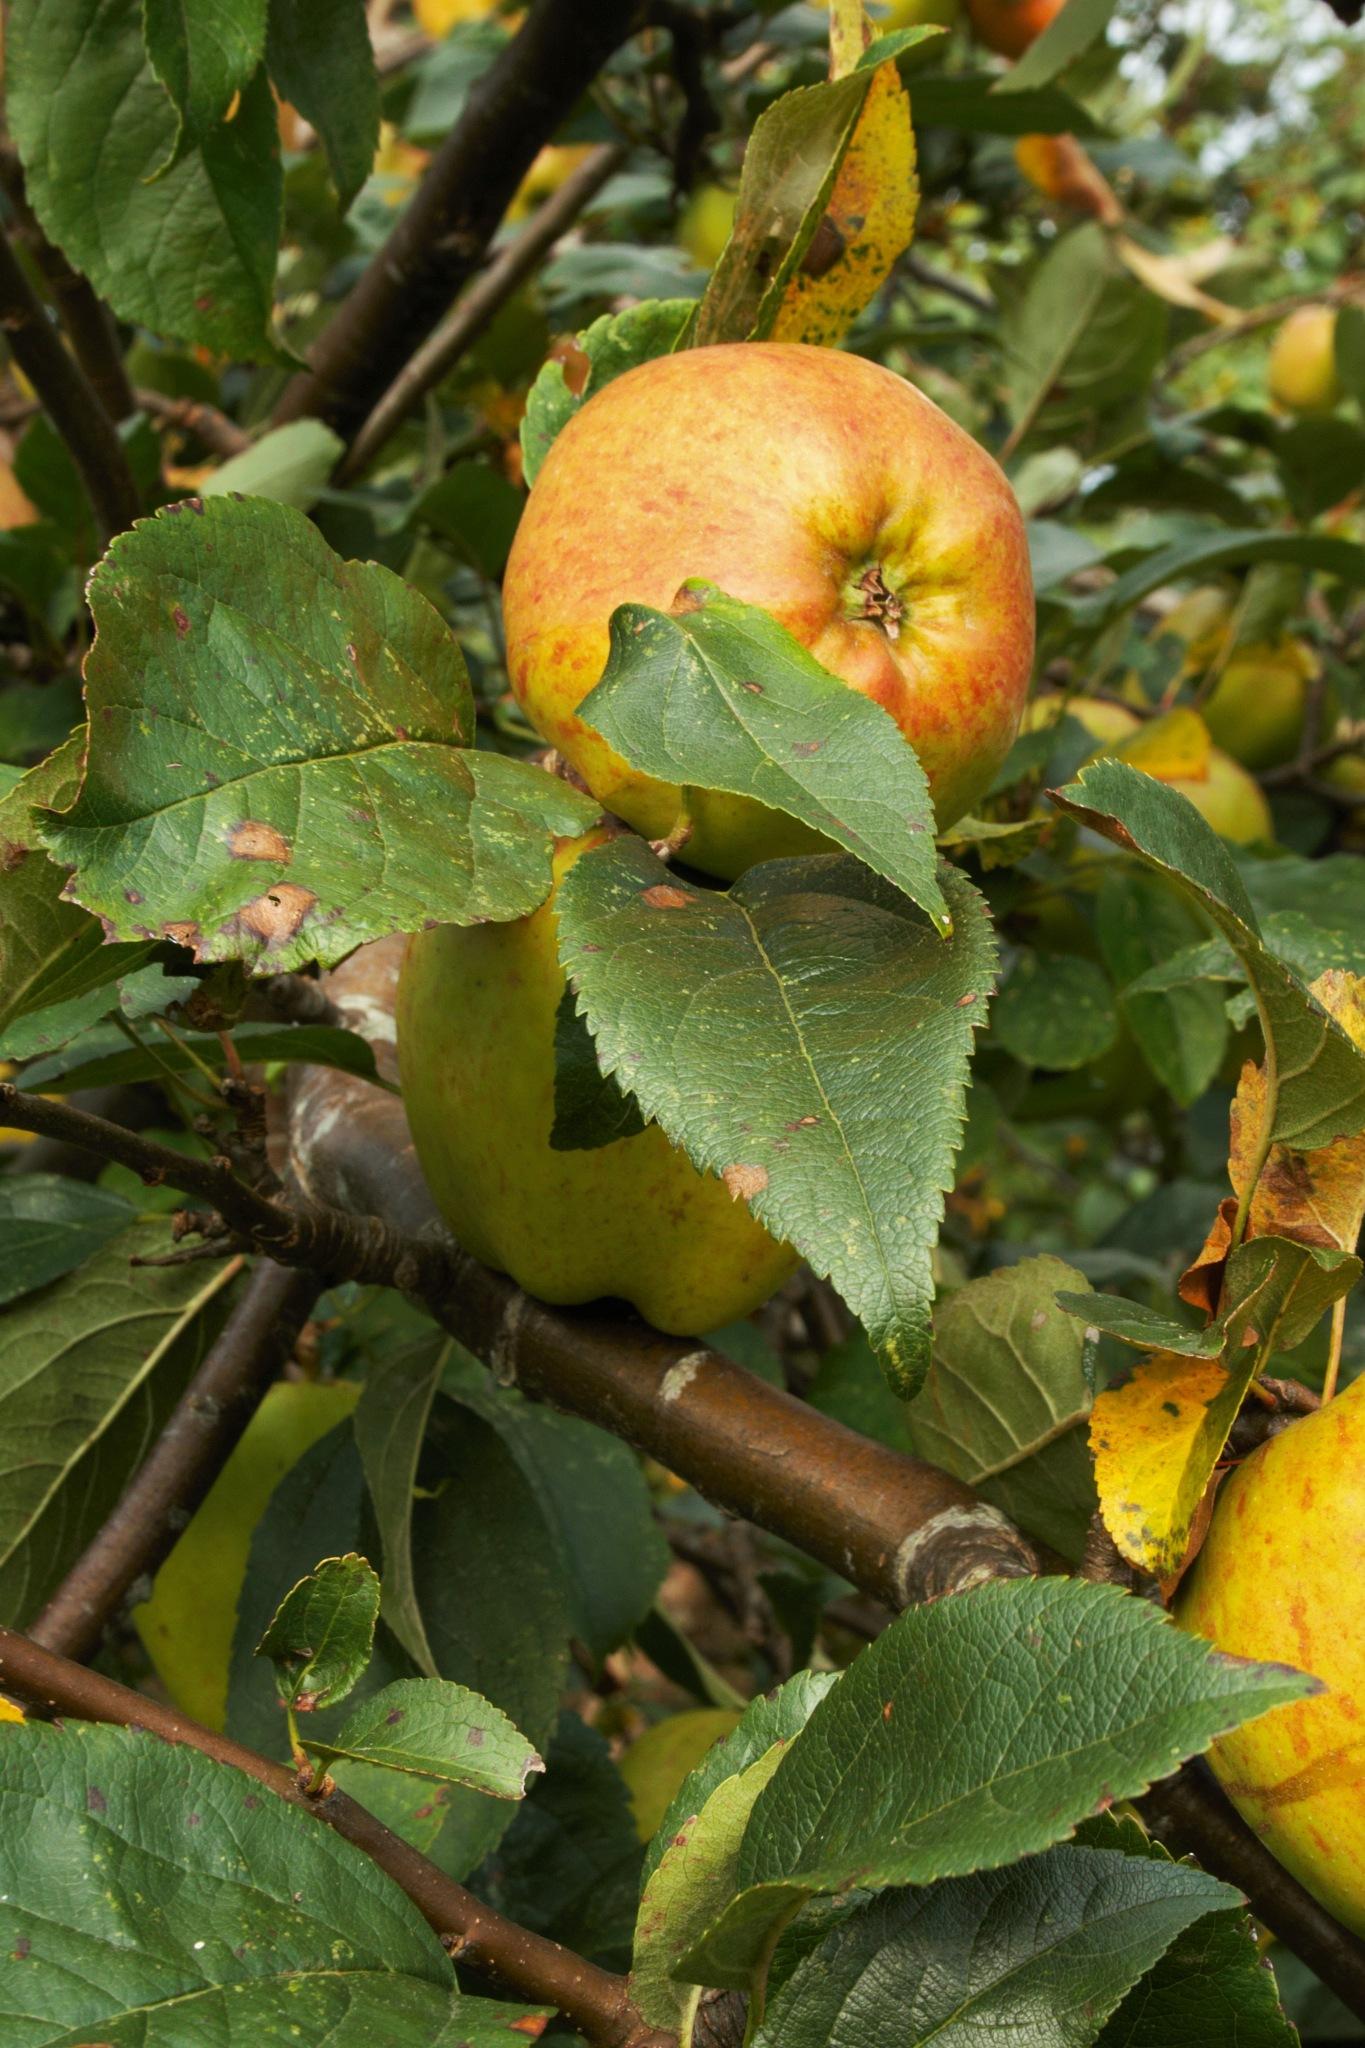 Close up Apple by AmatorOjeblikke